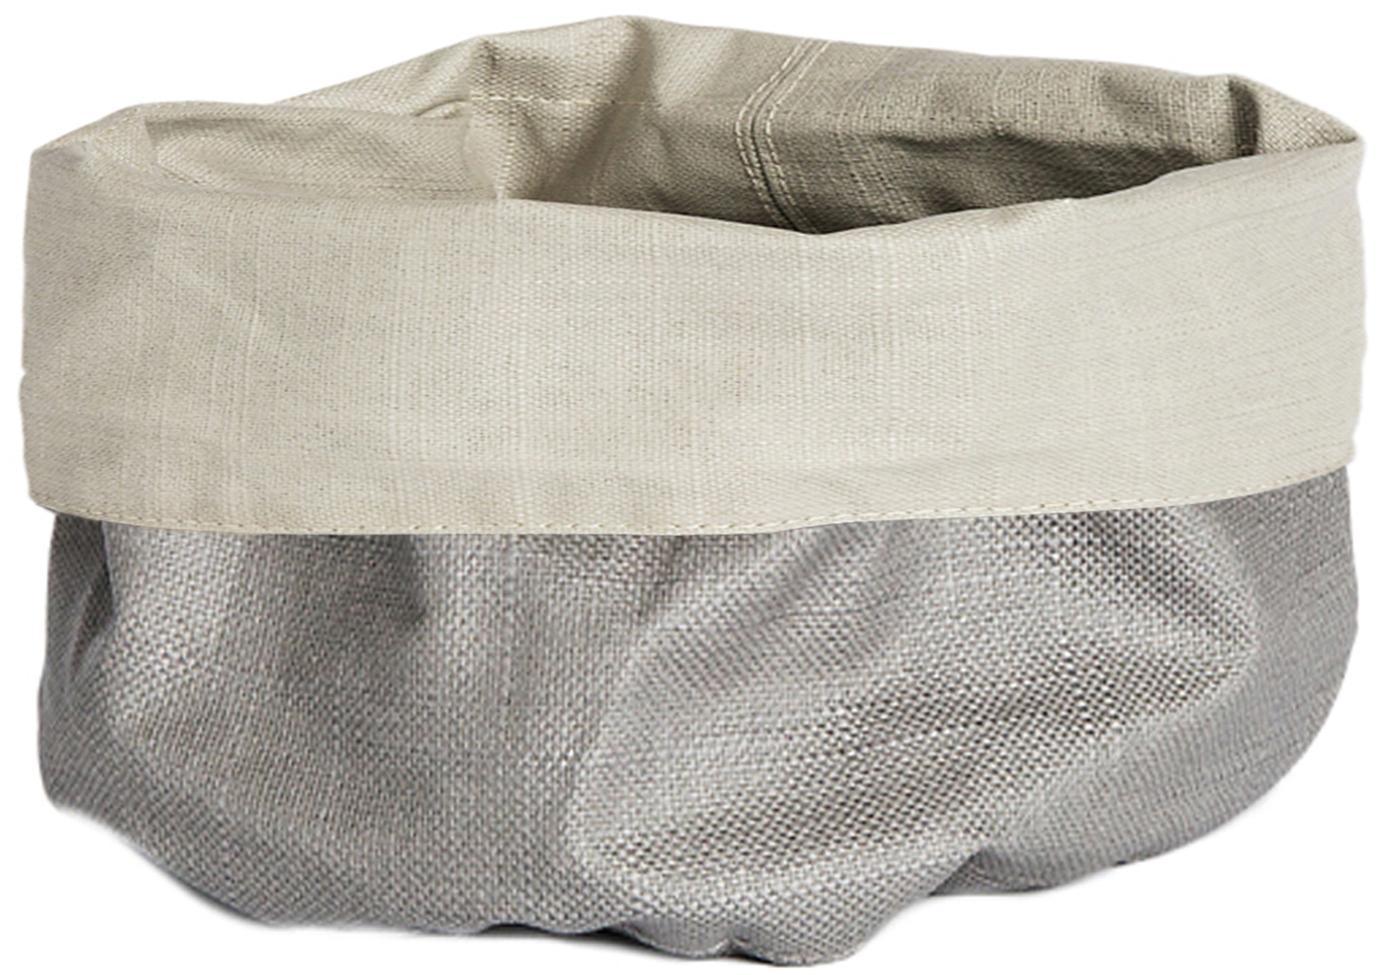 Cestino per pane in lino Patinn, 55% lino, 45% cotone, rivestimento in poliuretano, Beige, grigio chiaro, Ø 16 x Alt. 20 cm